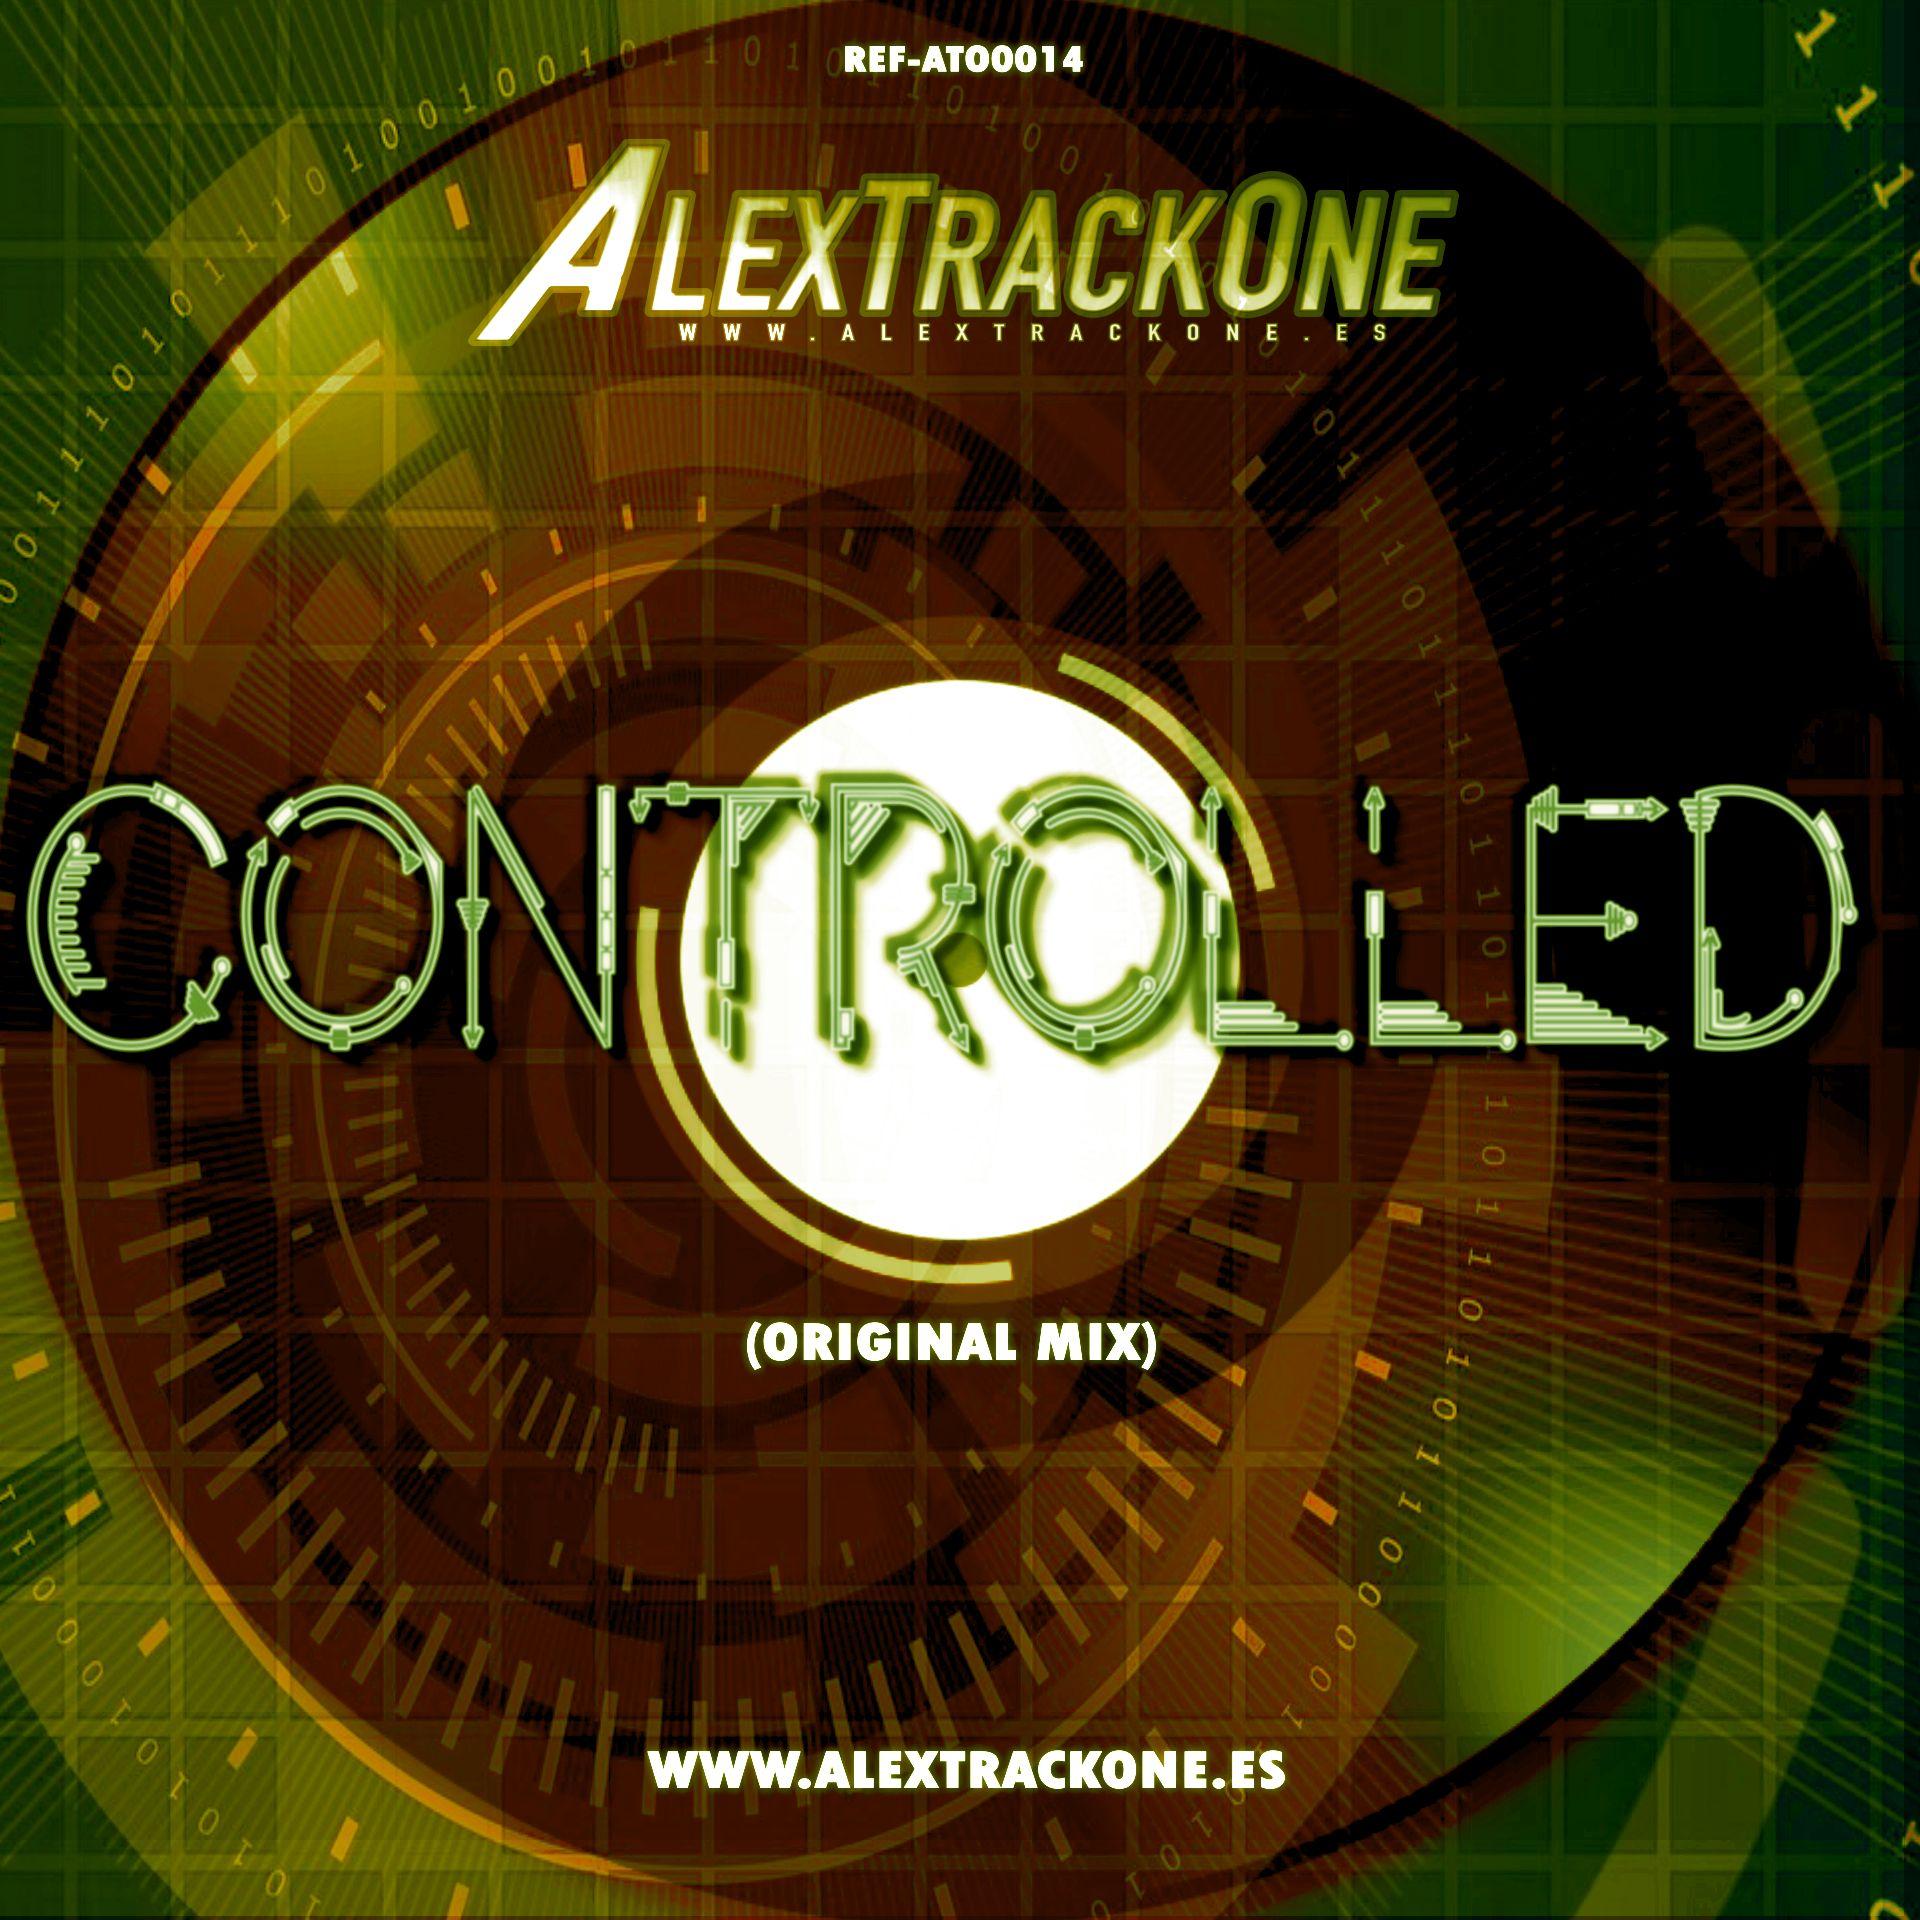 REF-ATO0014 CONTROLLED (ORIGINAL MIX) (MP3 & WAV)